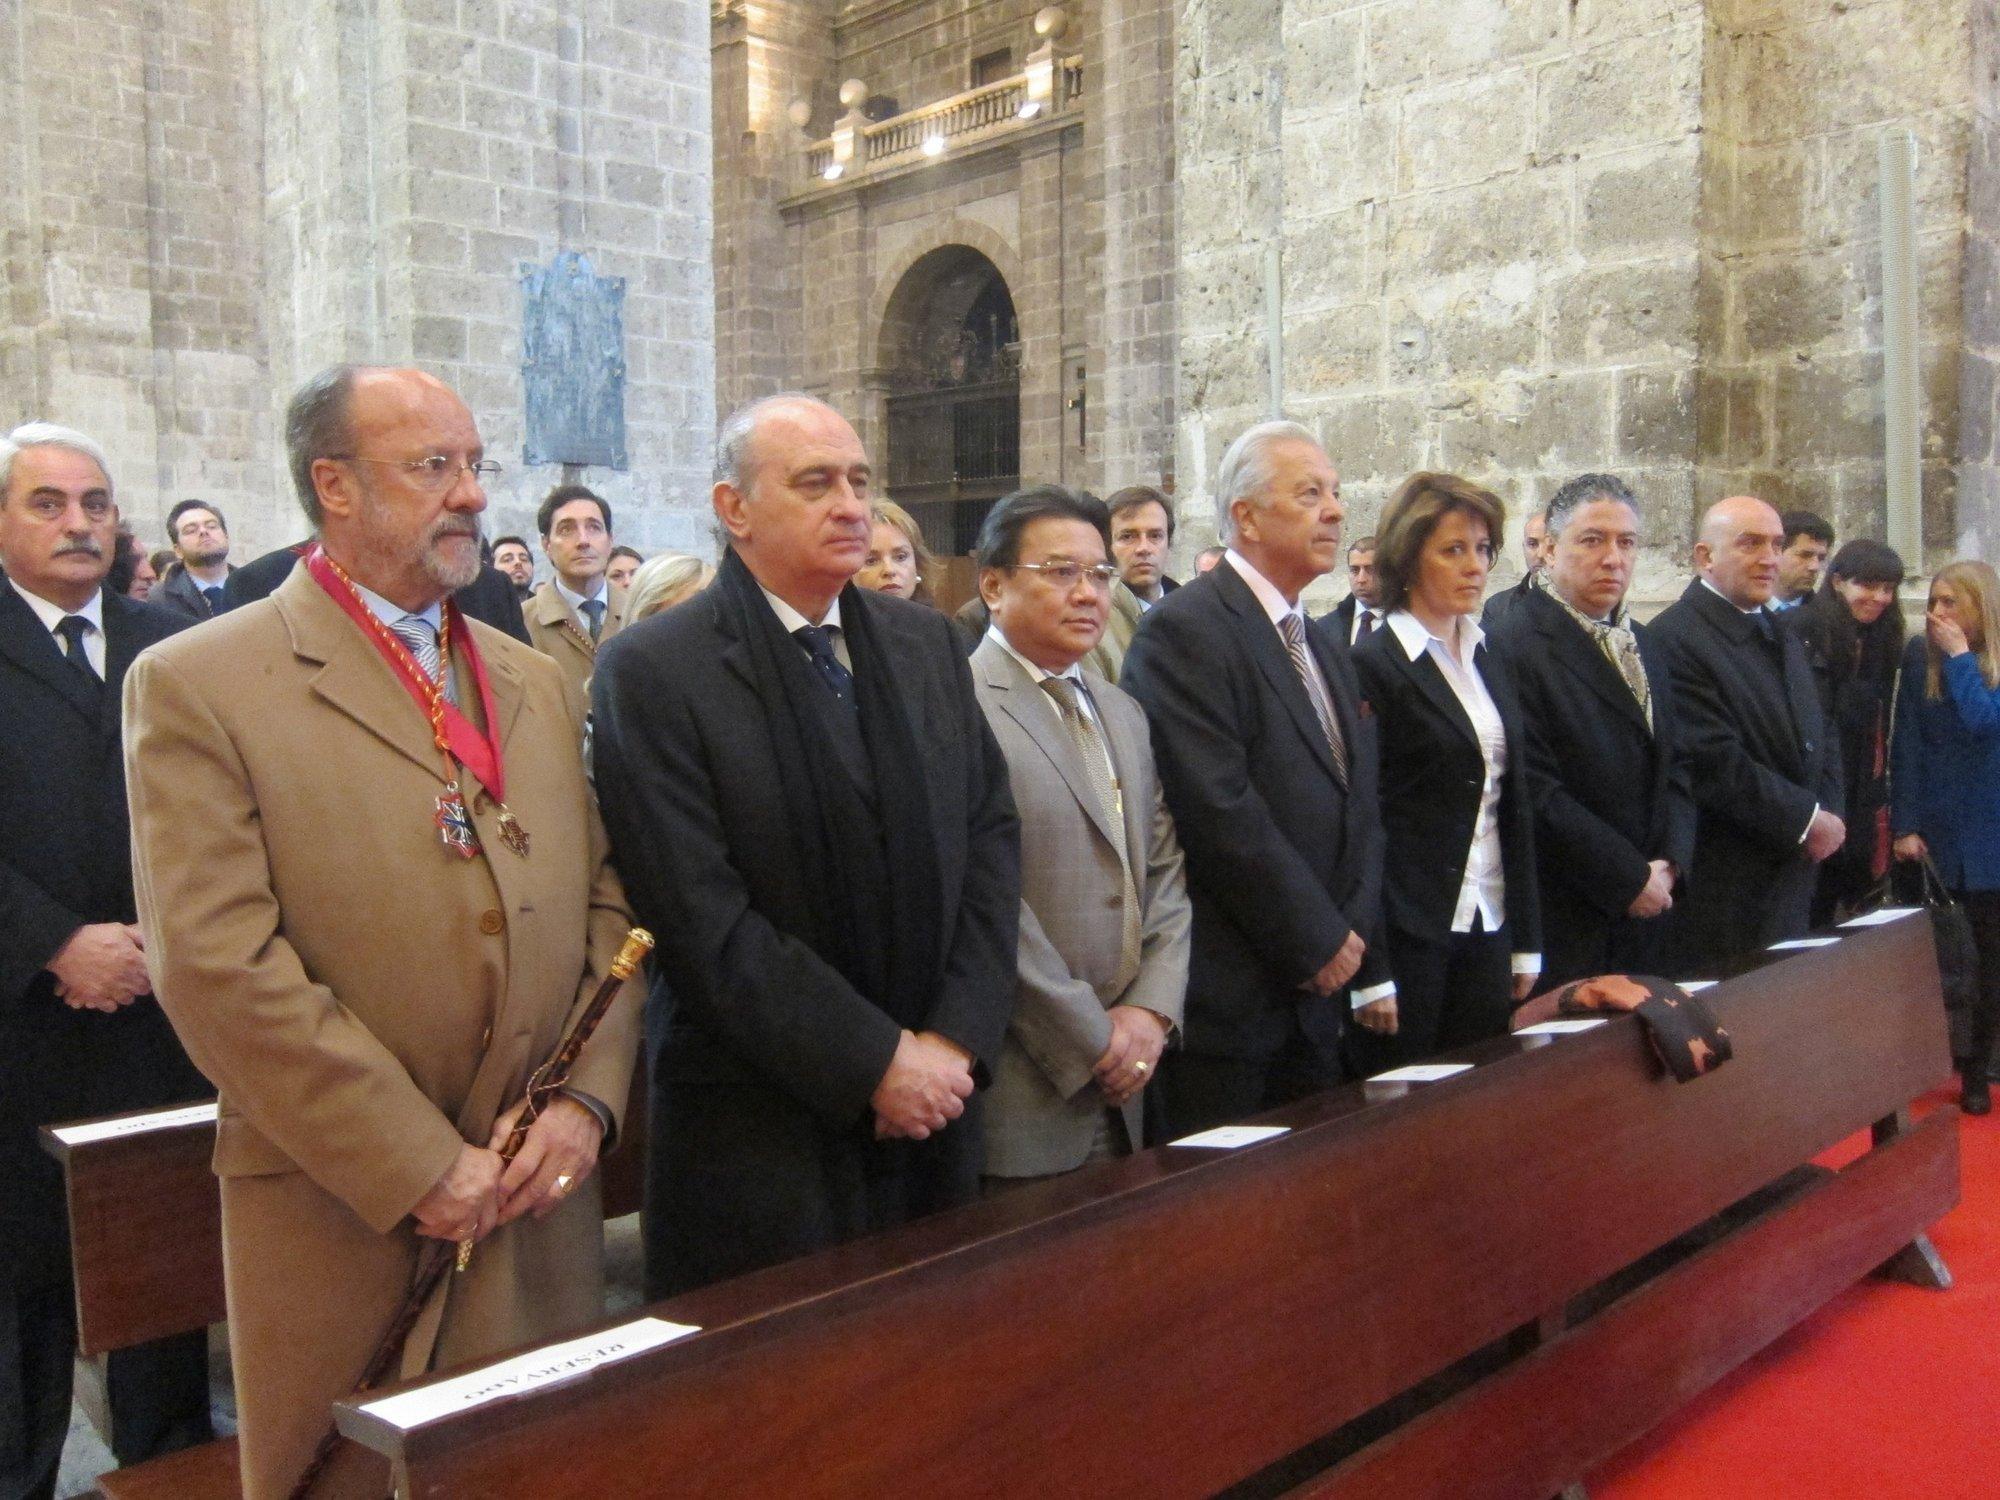 Fernández Díaz, Dívar y Barcina asisten al Sermón de las Siete Palabras en la Catedral de Valladolid